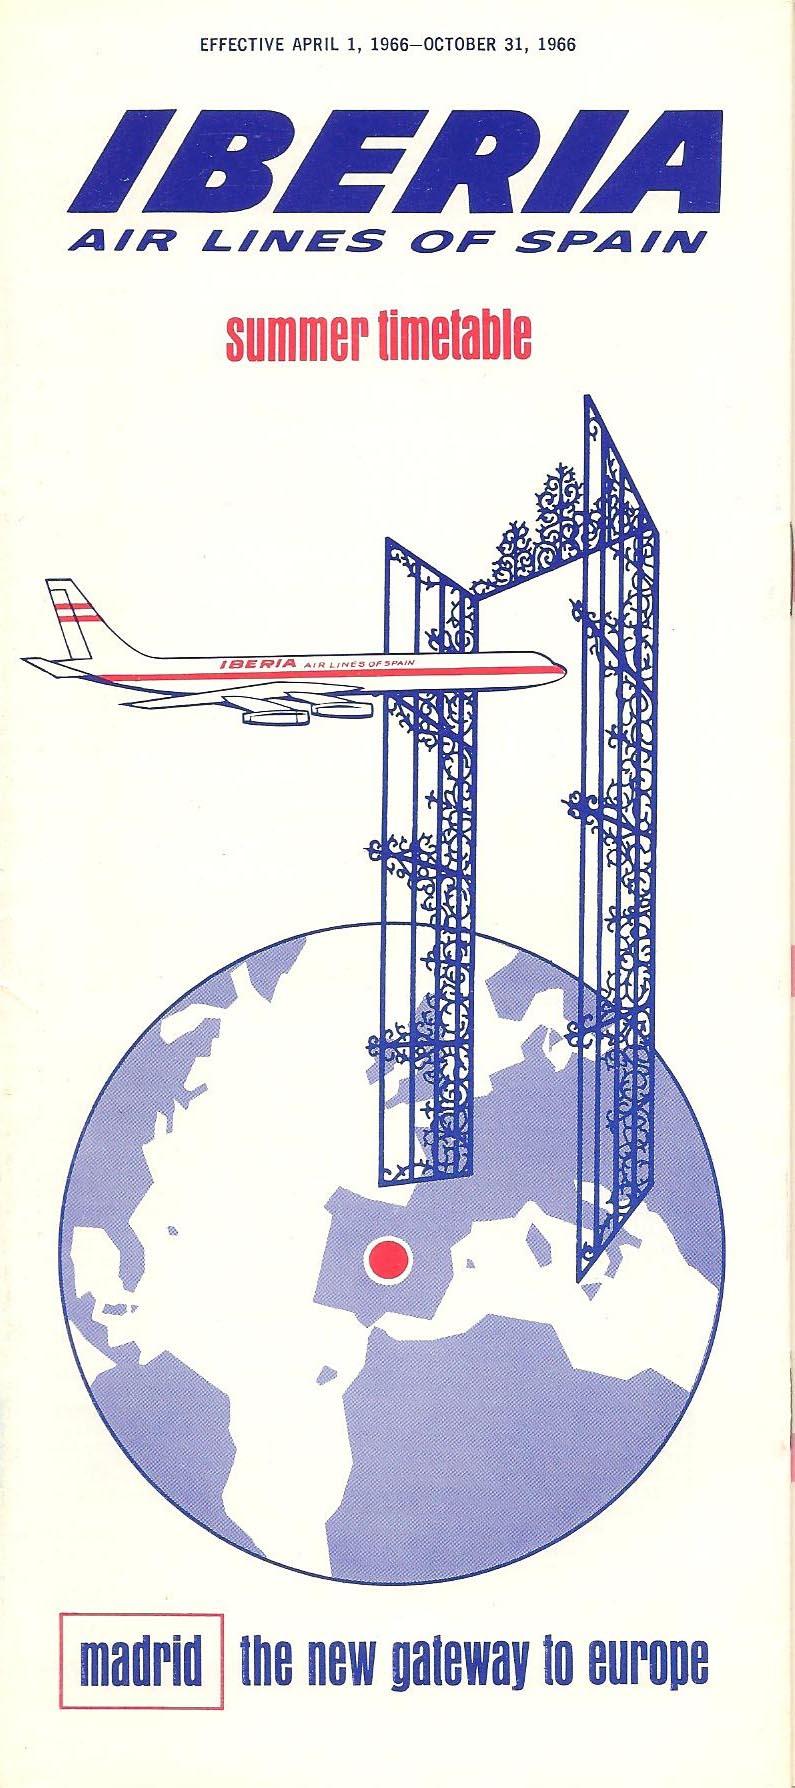 Portada de Tabla de horarios y tarifas de Iberia, de 1966. Colección de Diederik R. Vels Heijn.